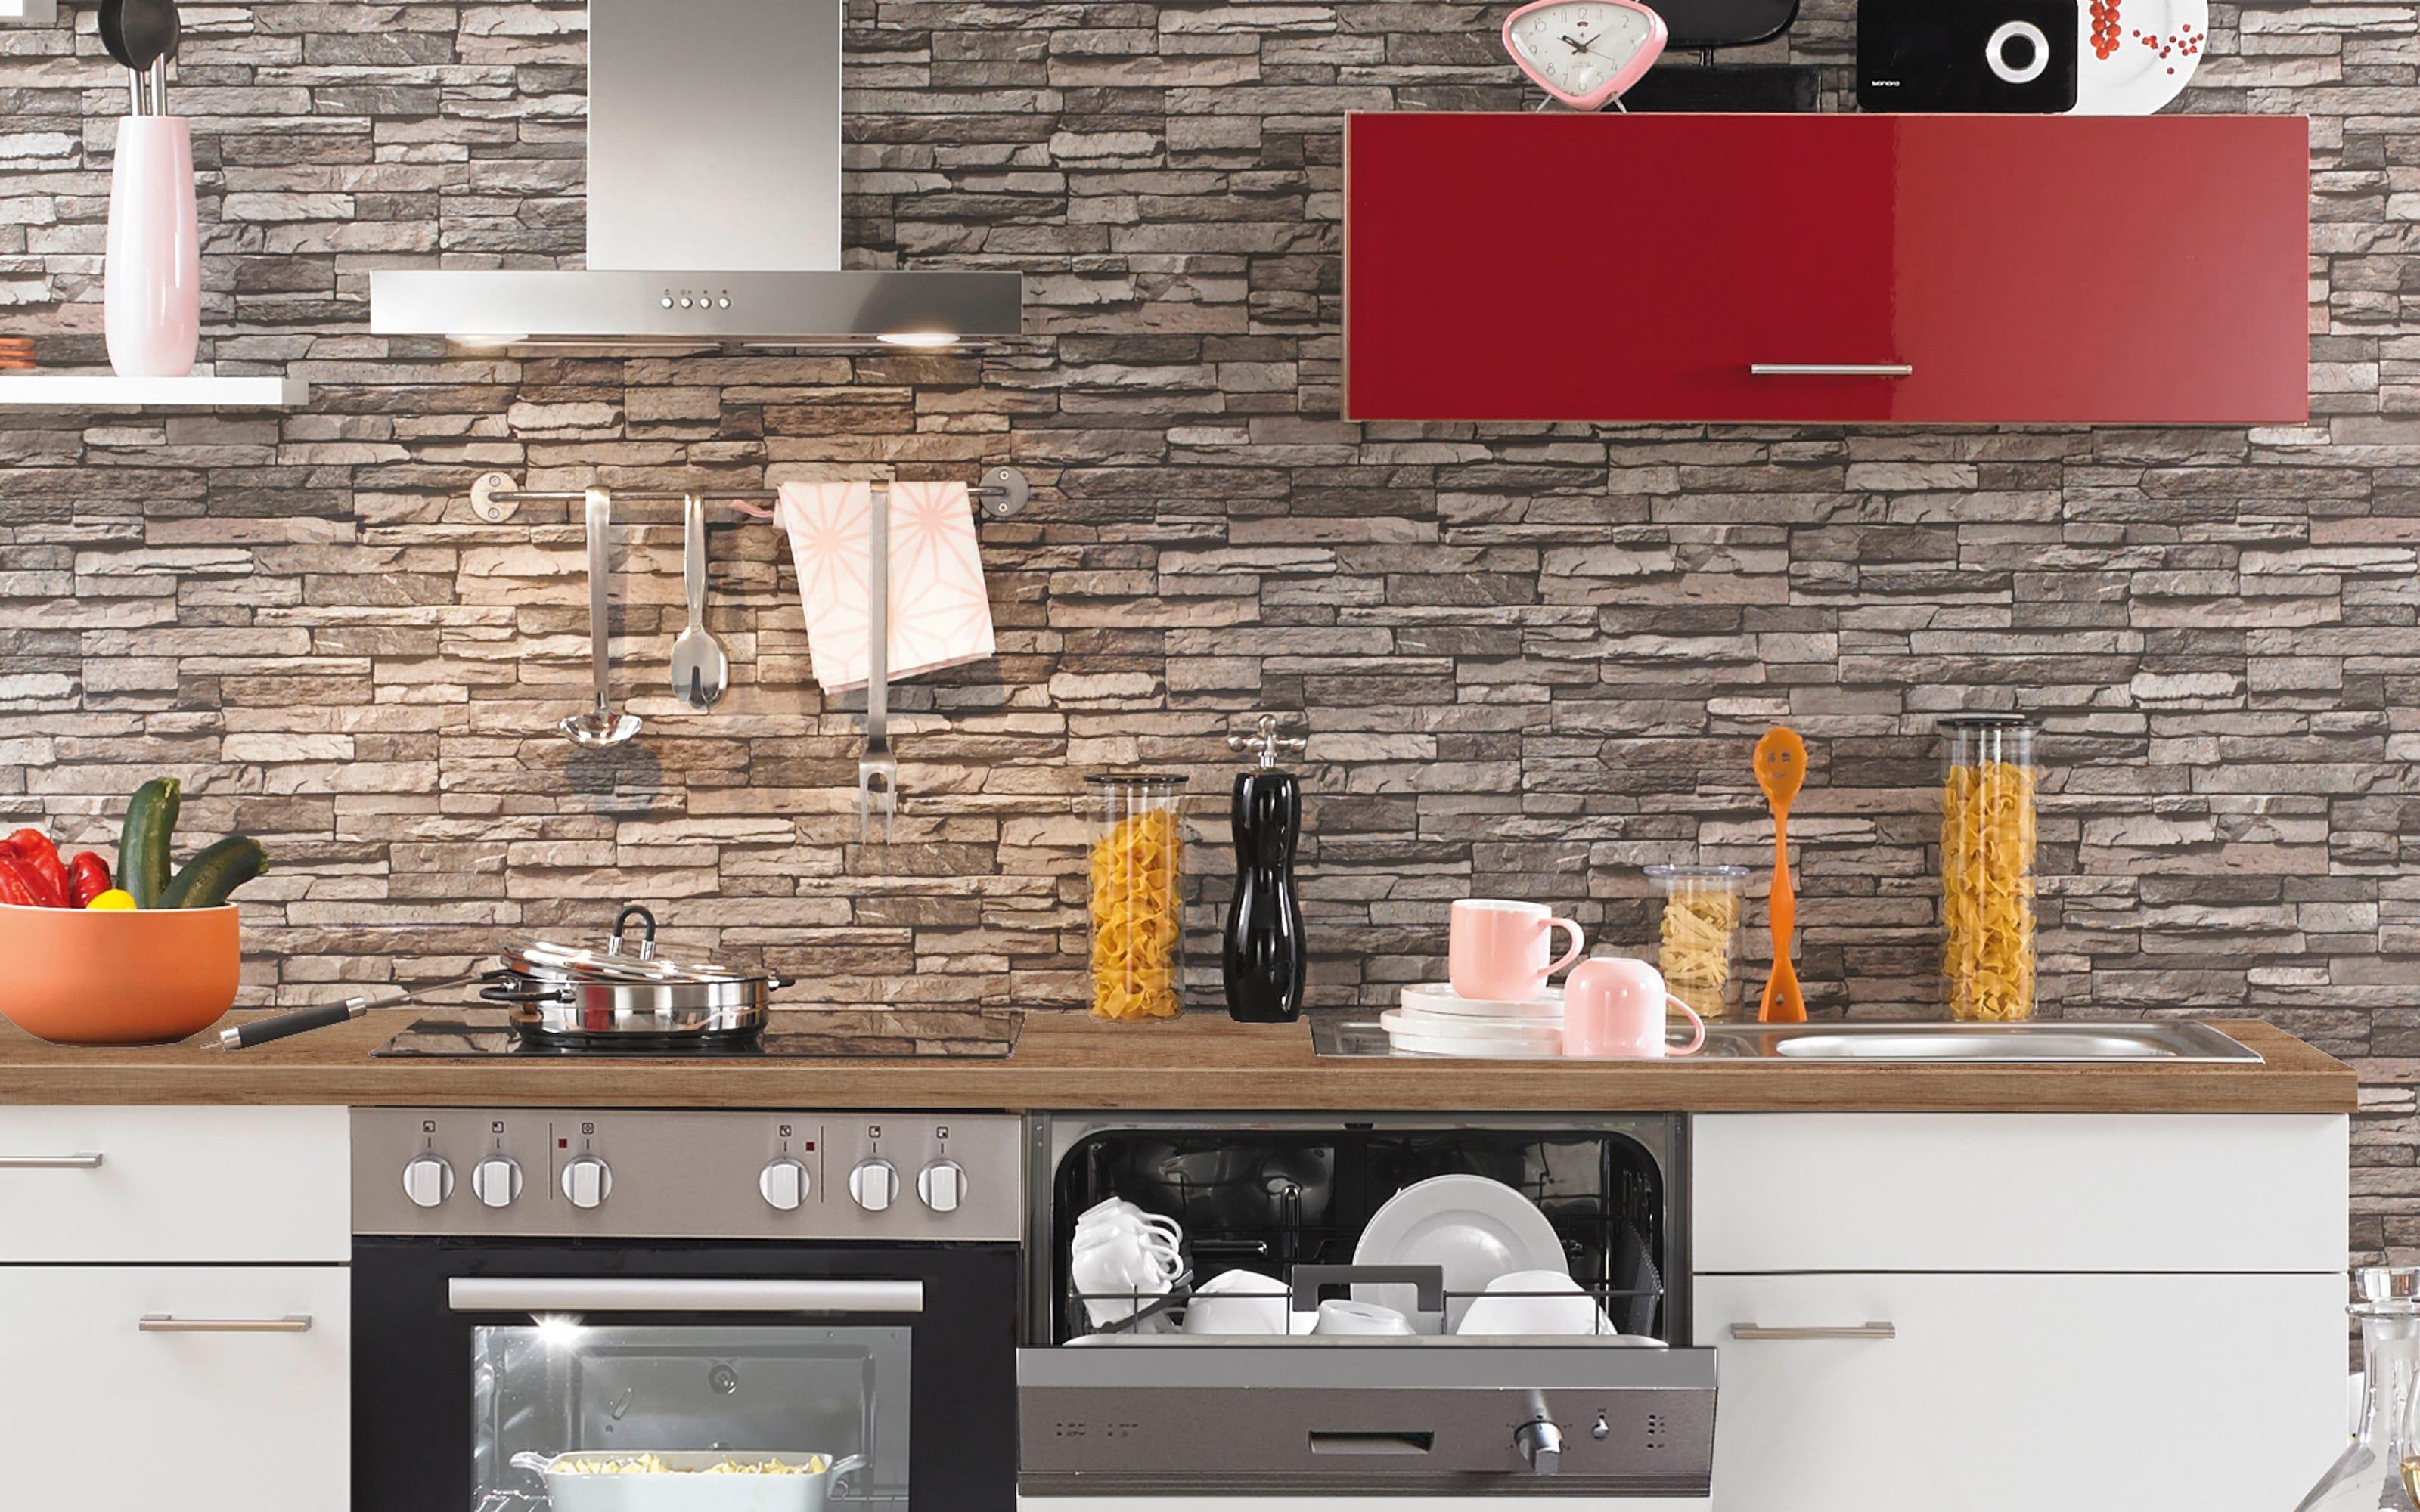 Einbauküche PN270, weiß/rot, inklusive Elektrogeräte